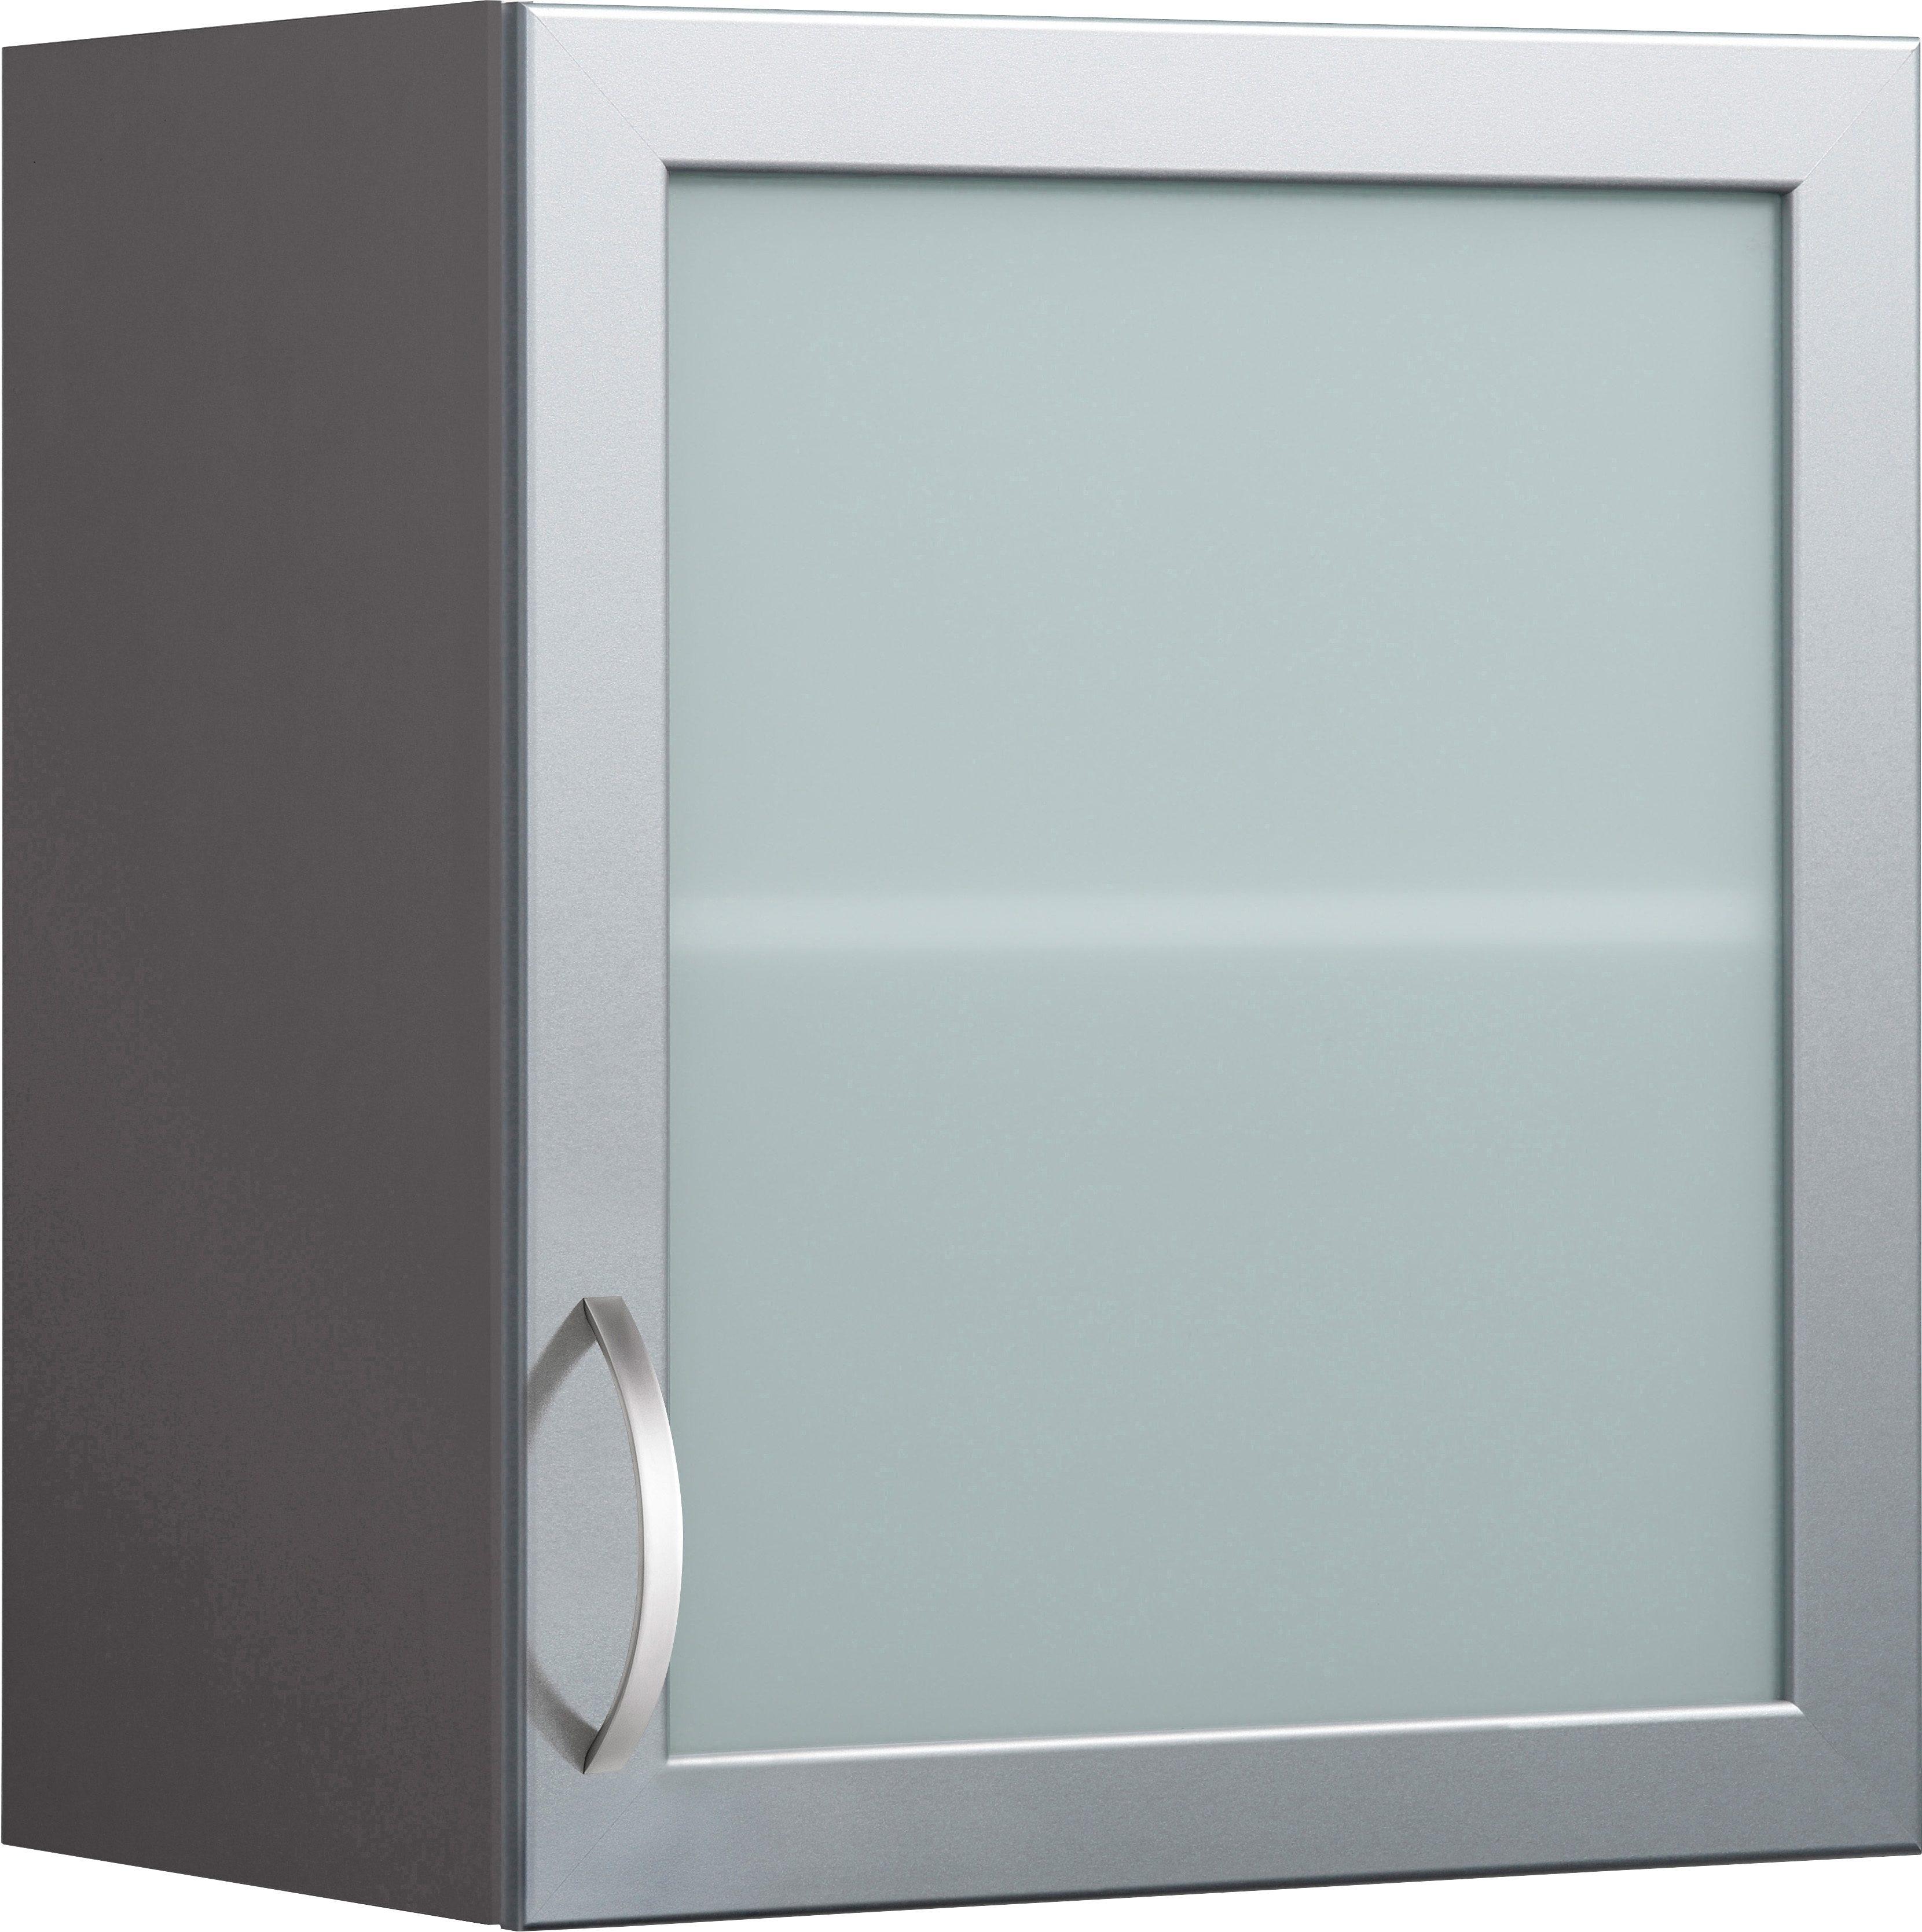 Glashänger mit Rahmentür Flexi Breite 50 cm | Wohnzimmer > Schränke > Hängeschränke | Grau